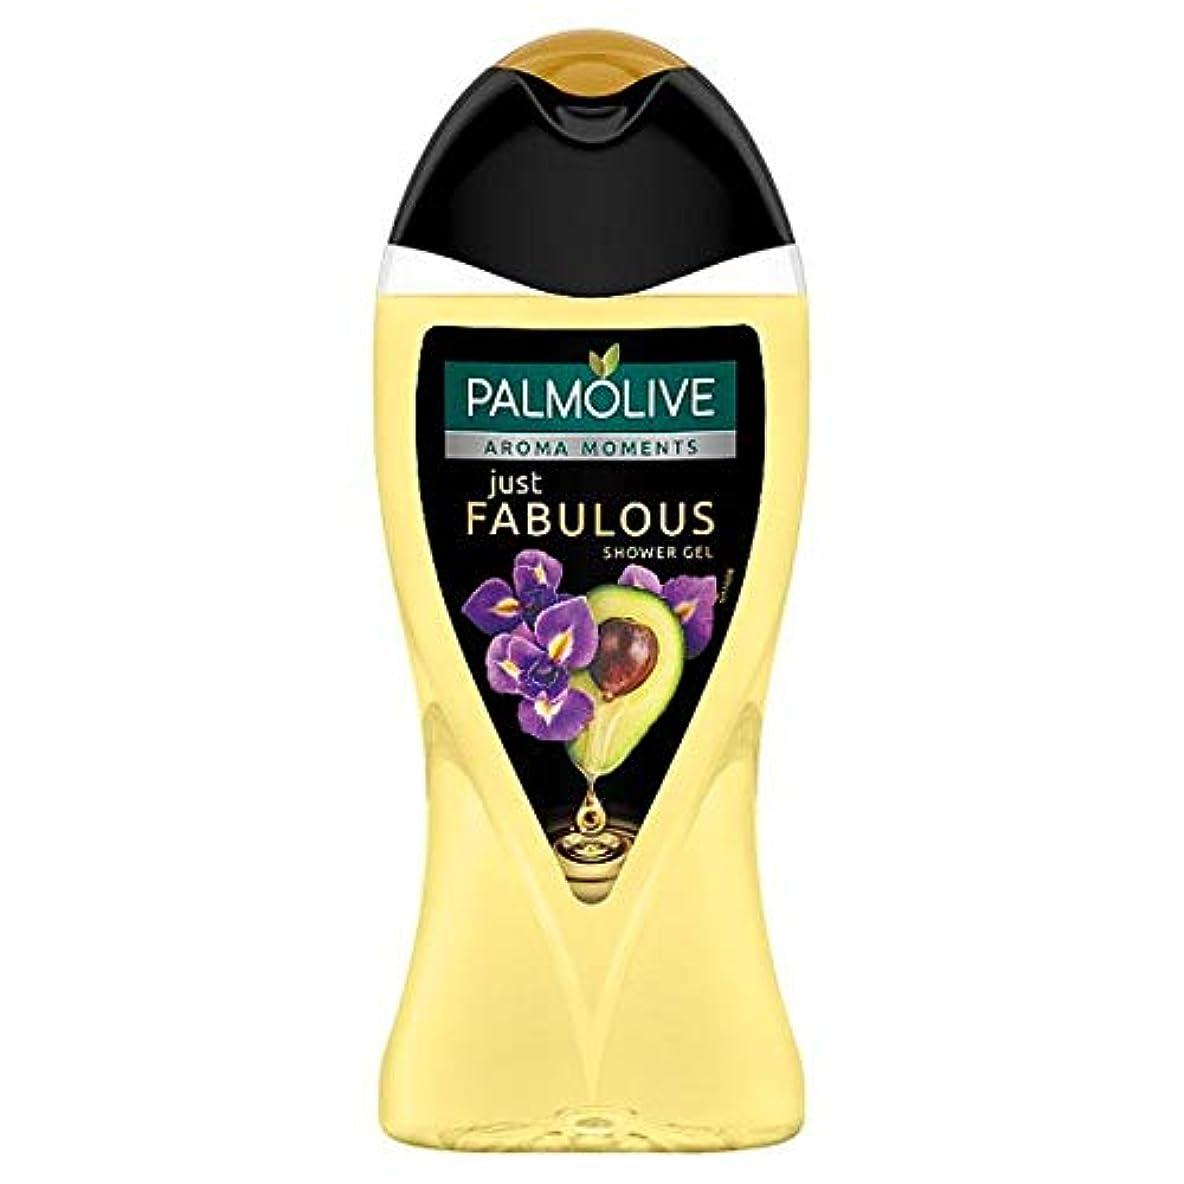 フォルダヘビー悪用[Palmolive] ちょうど素晴らしいシャワージェル250ミリリットルをパルモ - Palmolive Just Fabulous Shower Gel 250Ml [並行輸入品]